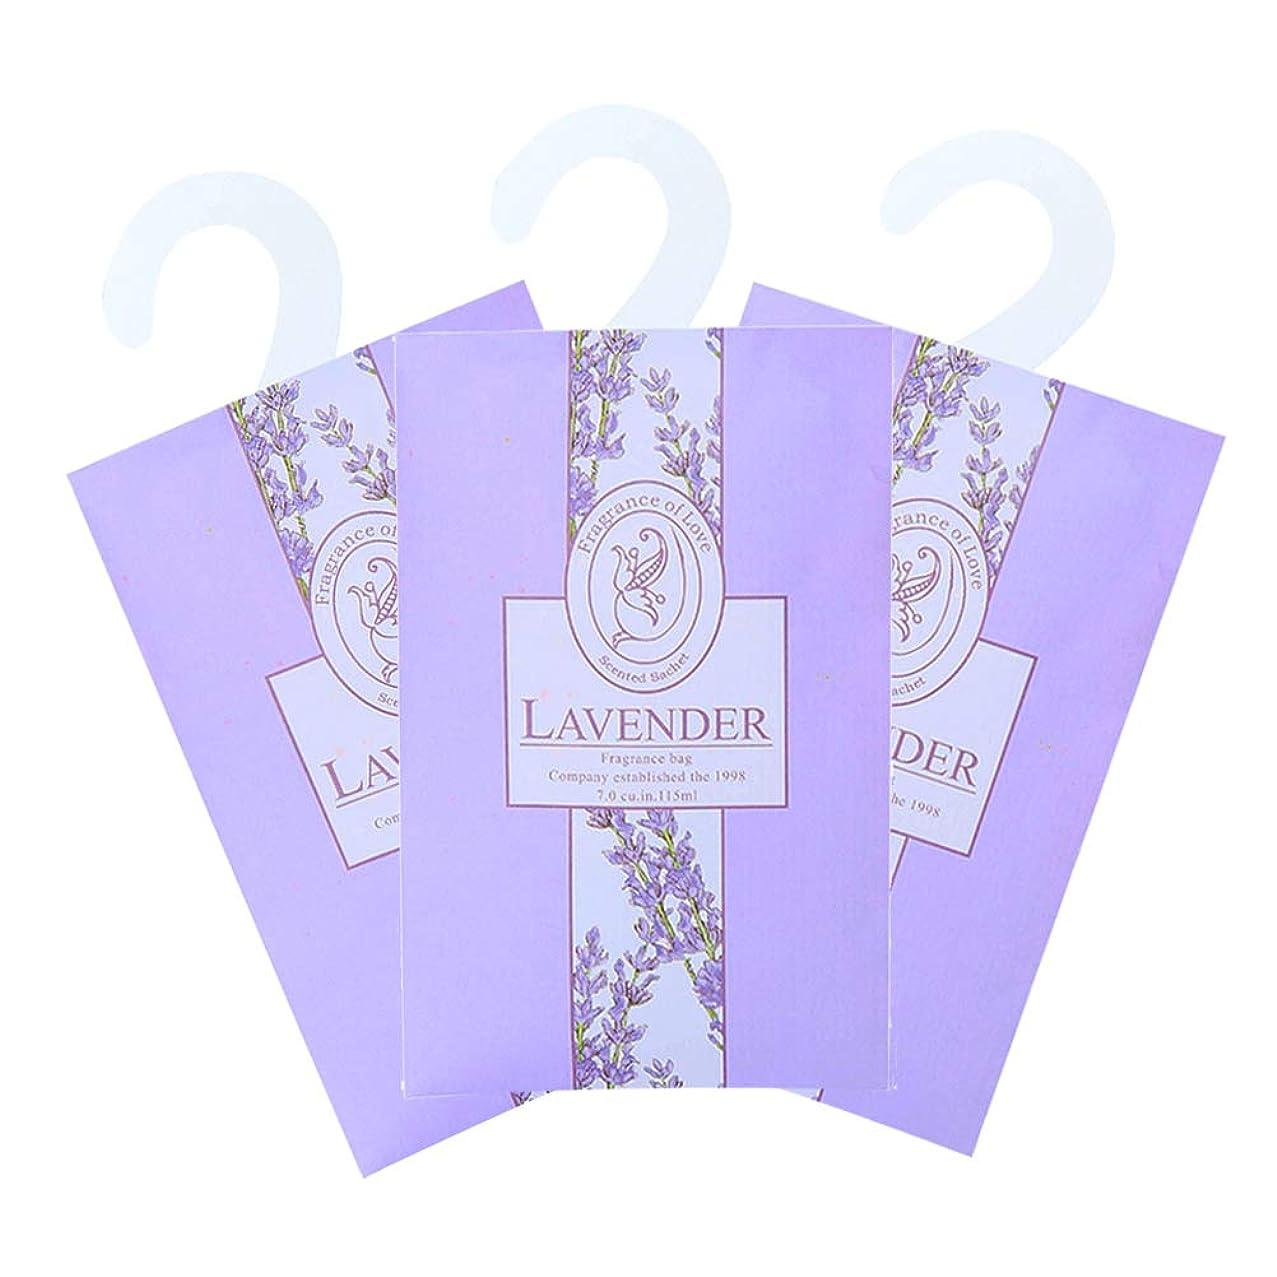 ずんぐりした満員課すTINKSKY 香り袋 サシェ 3枚セット 花の香り ルームフレグランス 車内用 玄関用 部屋用 芳香剤(ラベンダー)